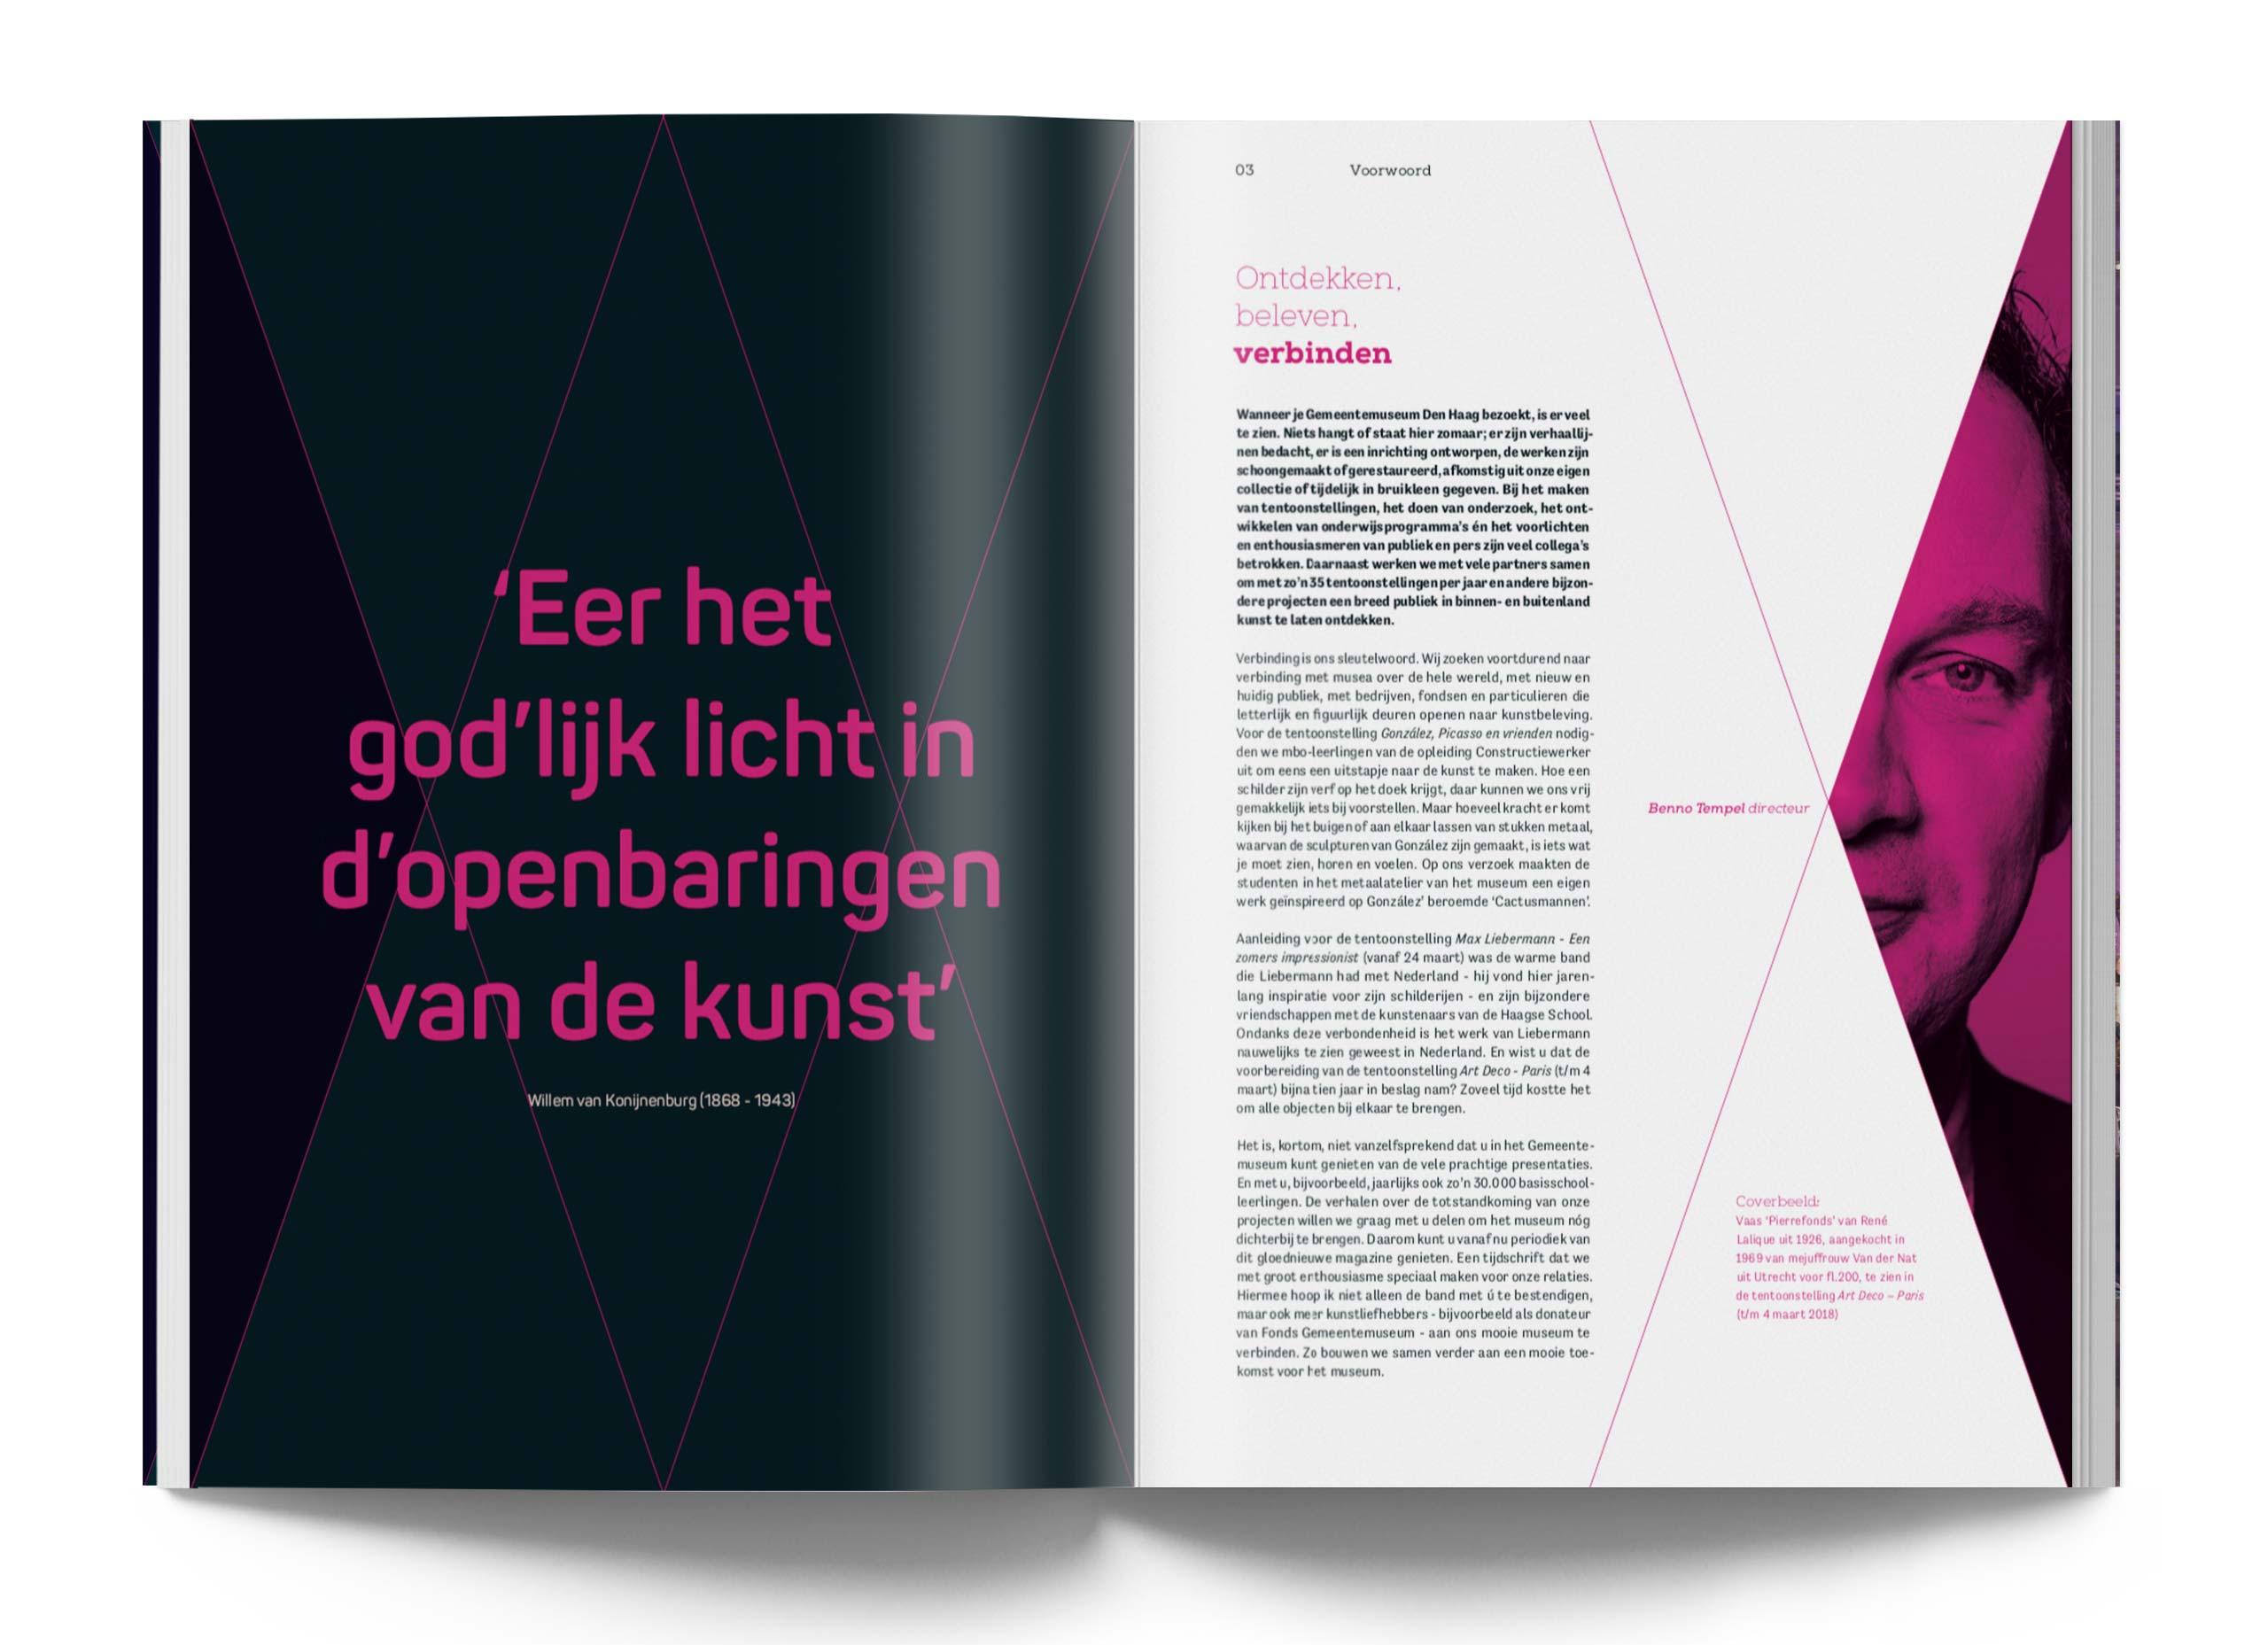 Kunstmuseum, Gemeente Museum Den Haag, Magazine, Studio Duel